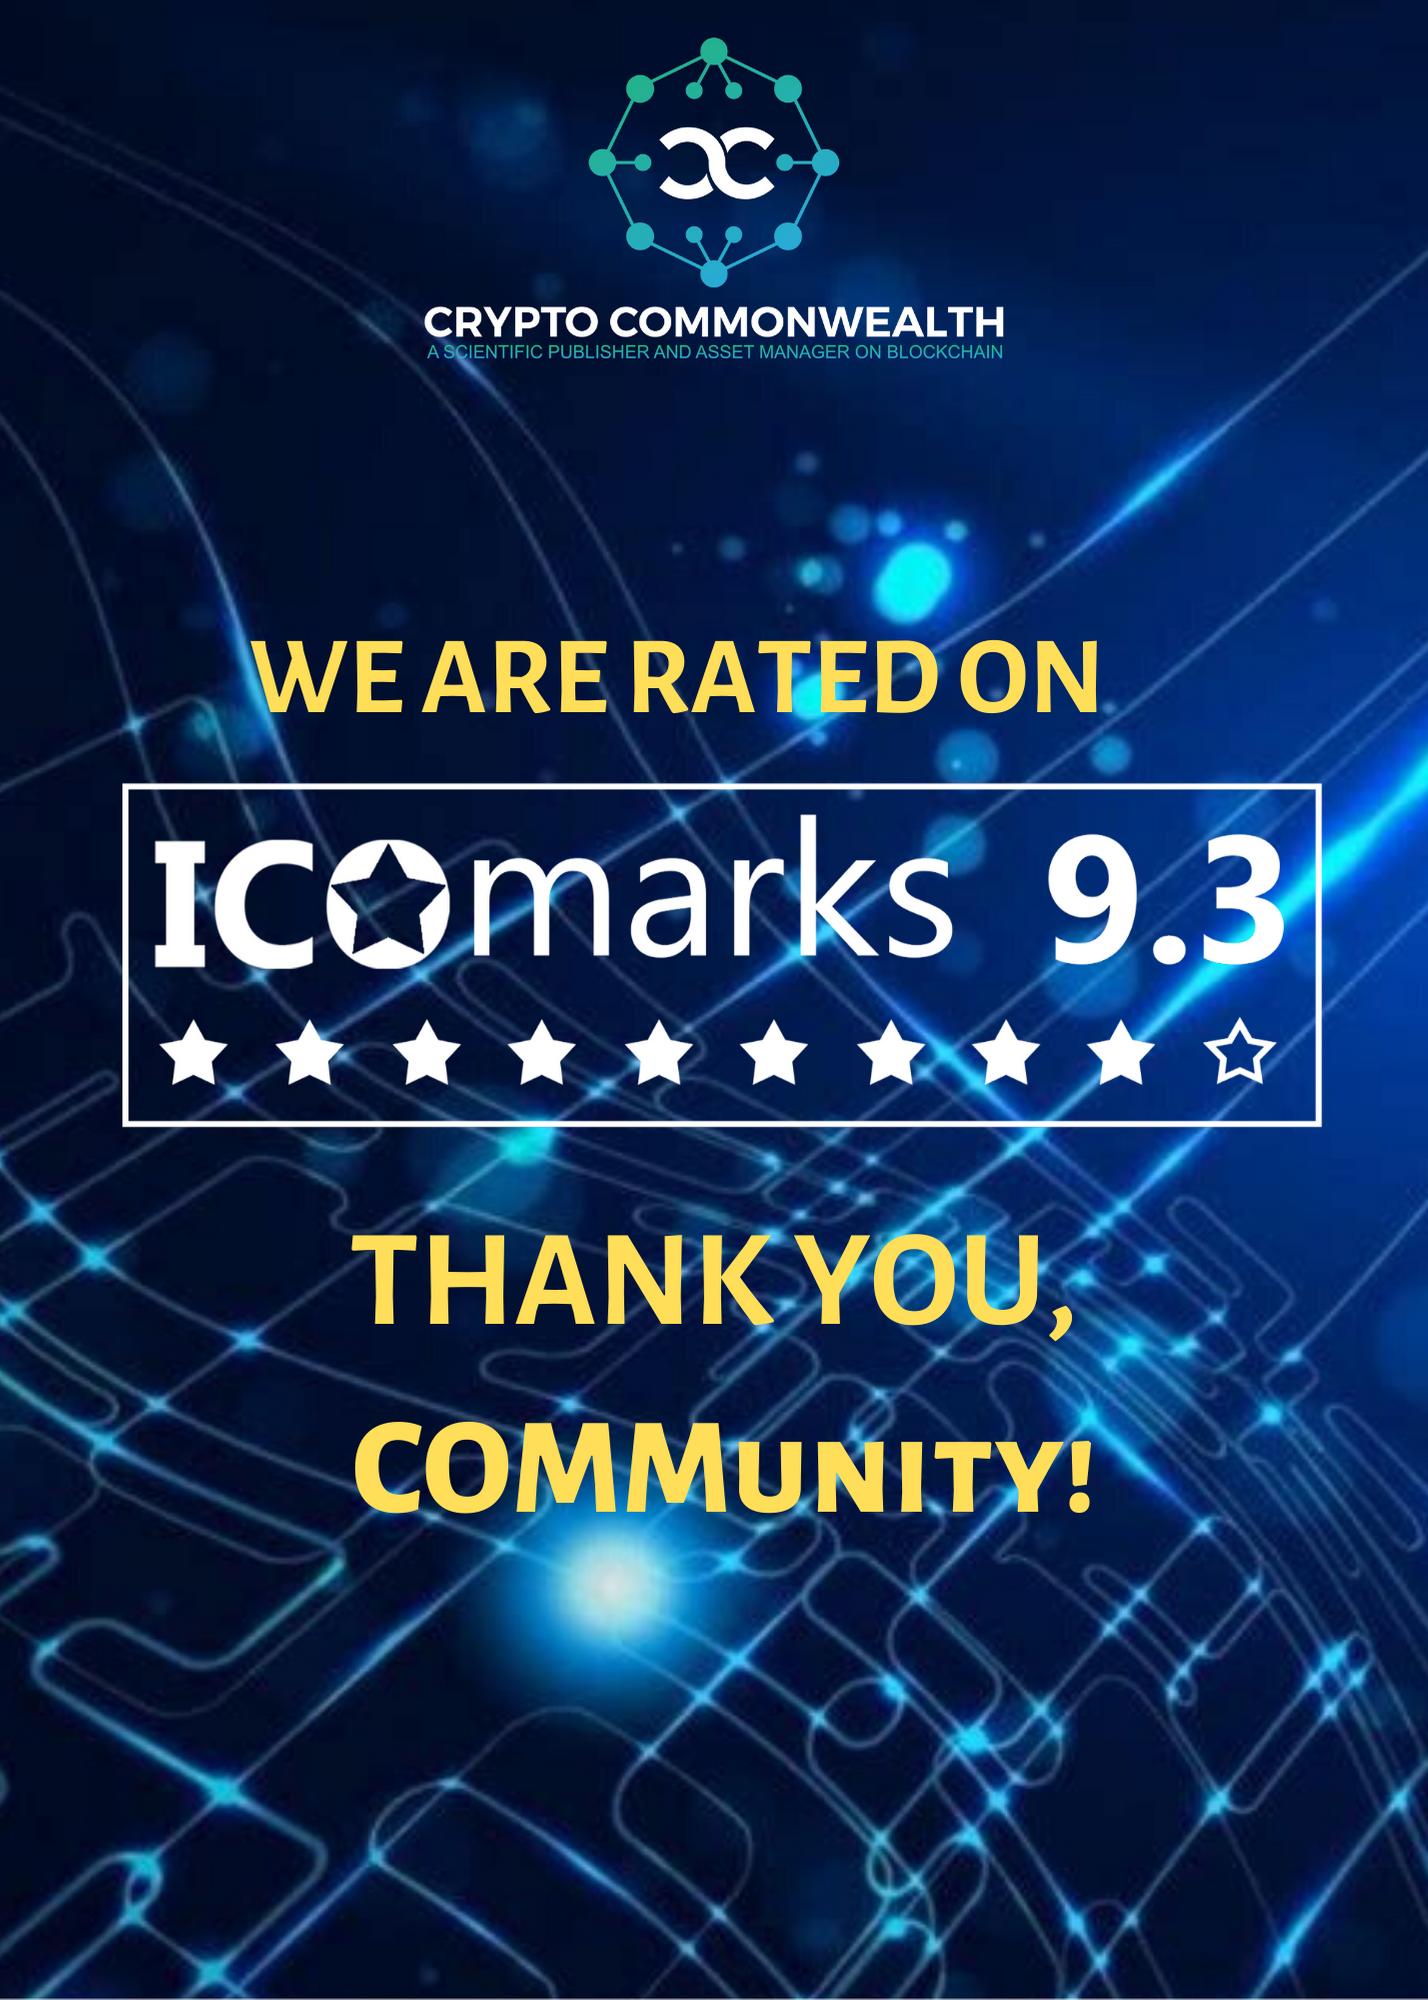 COMM ICOmarks ranking